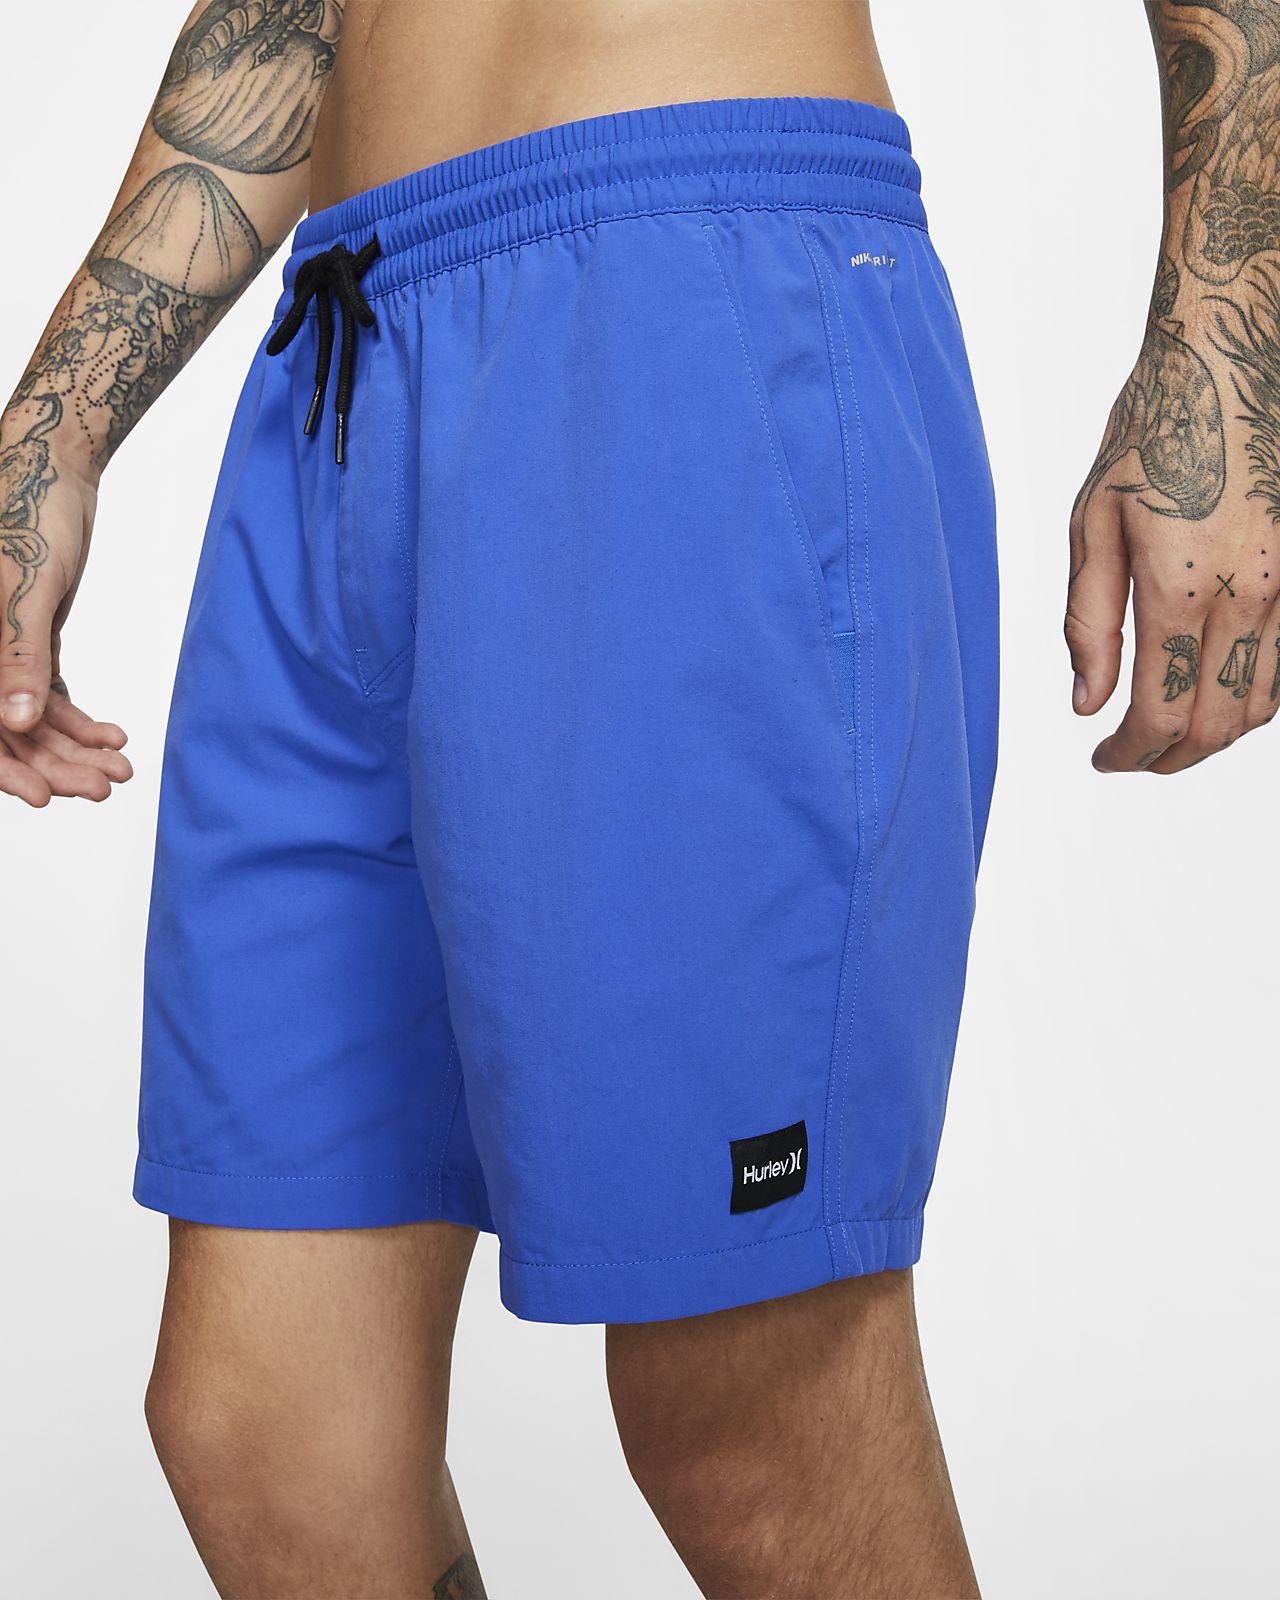 Hurley Dri-FIT Convoy Volley-shorts (43 cm) til mænd